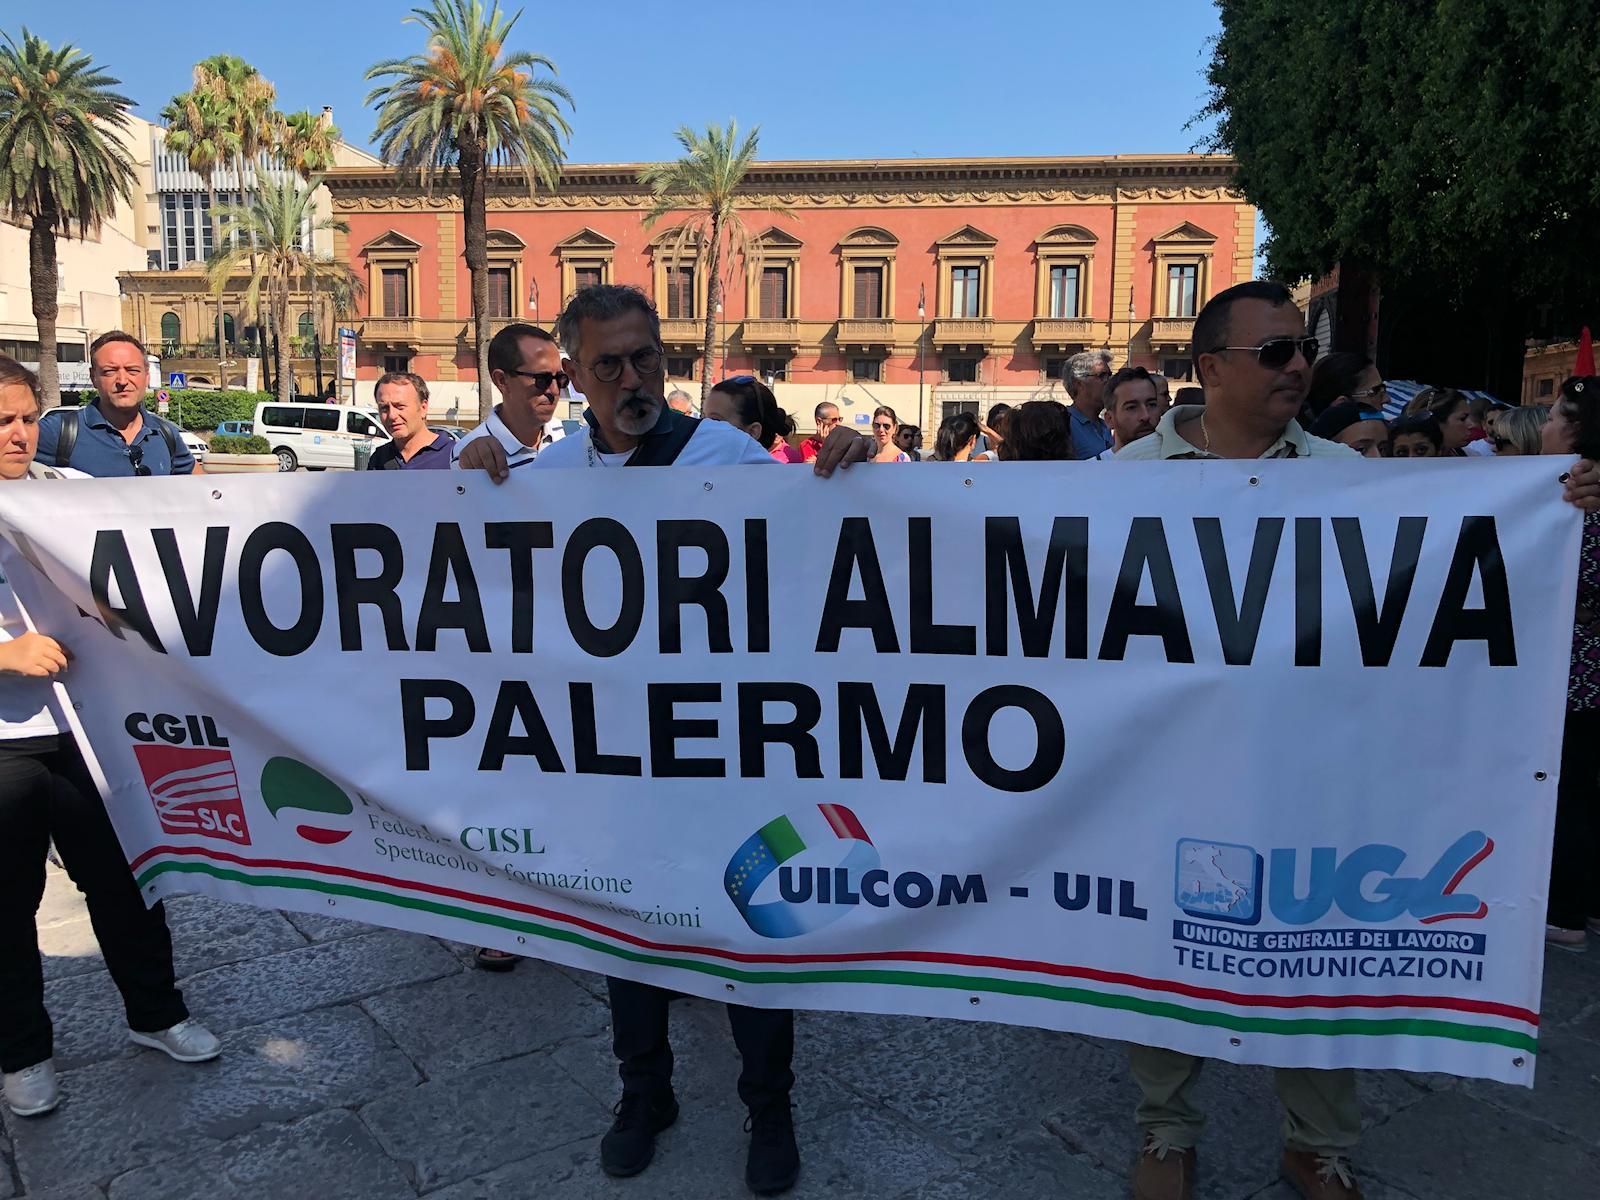 Almaviva Palermo, il tribunale per 46 lavoratori: illegittime le trattenute per le ferie